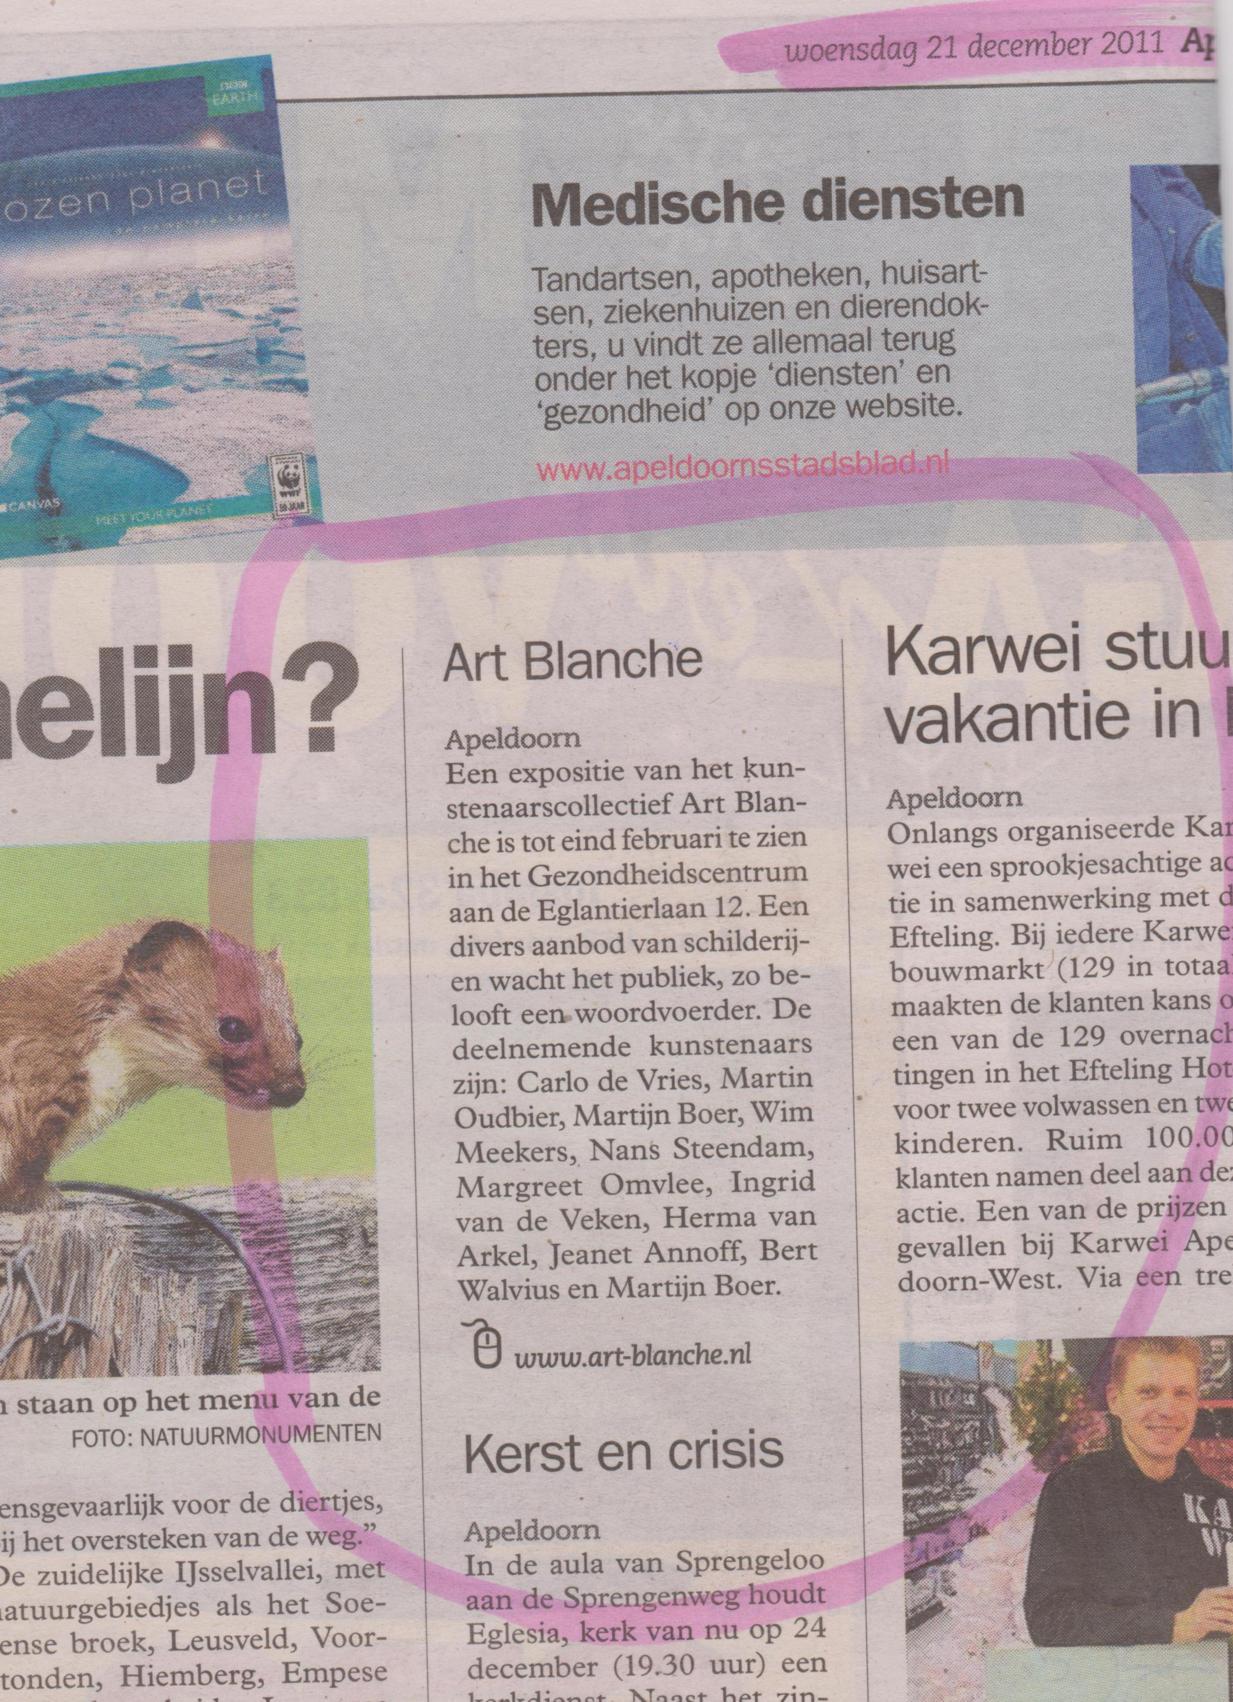 expositie art blanche kunst apeldoorn